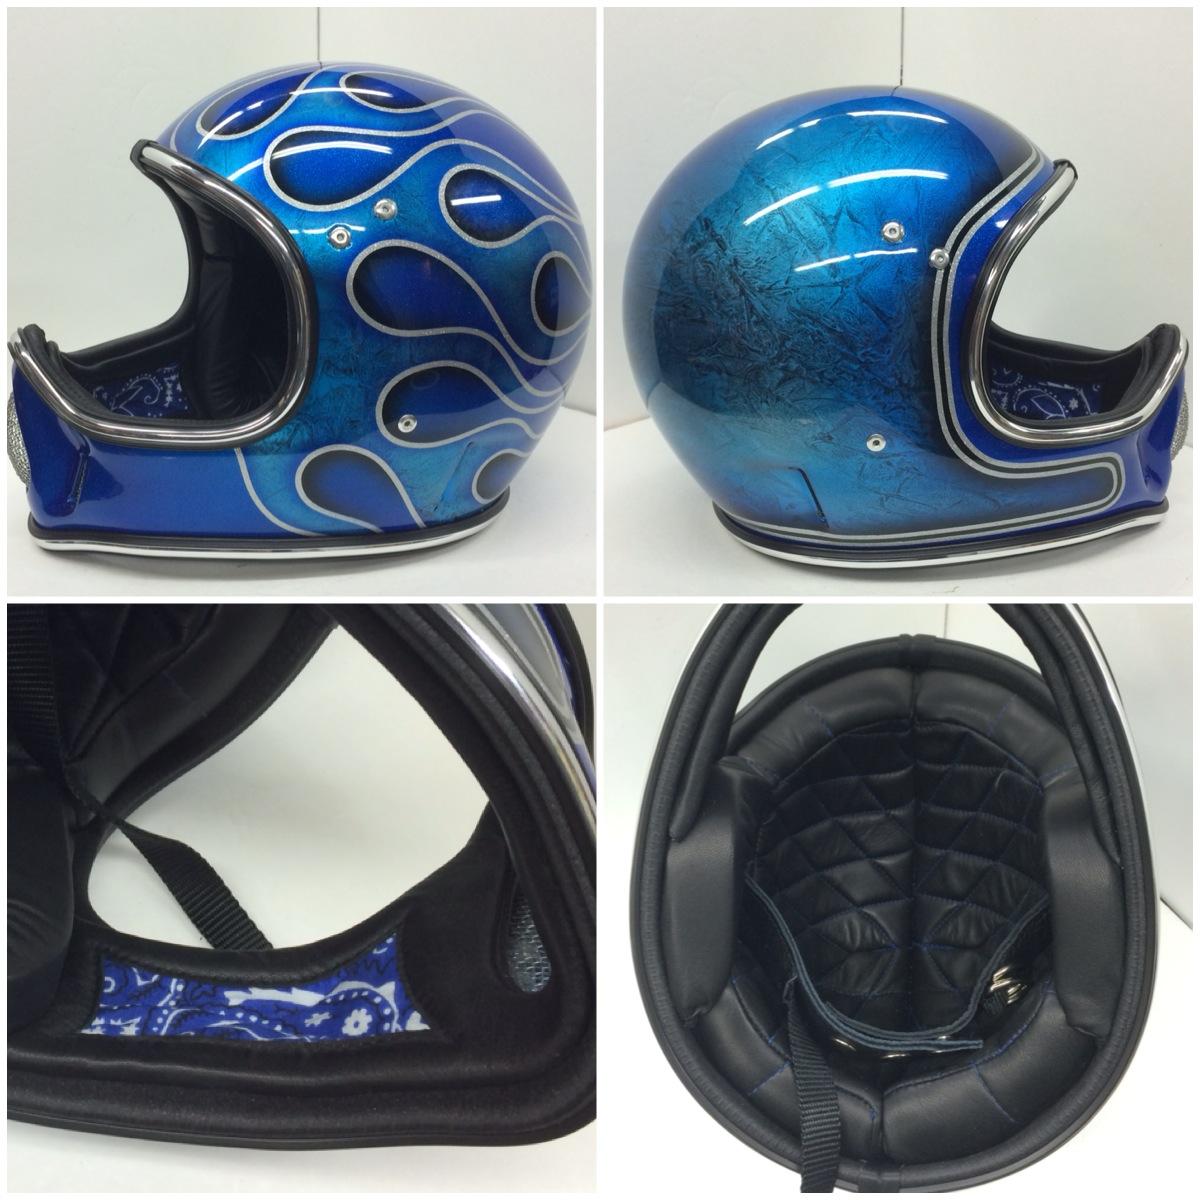 Full Motorcycle Helmet >> Hell Mutt's Custom Motorcycle & Snowmobile Helmet Lining & Design - Home